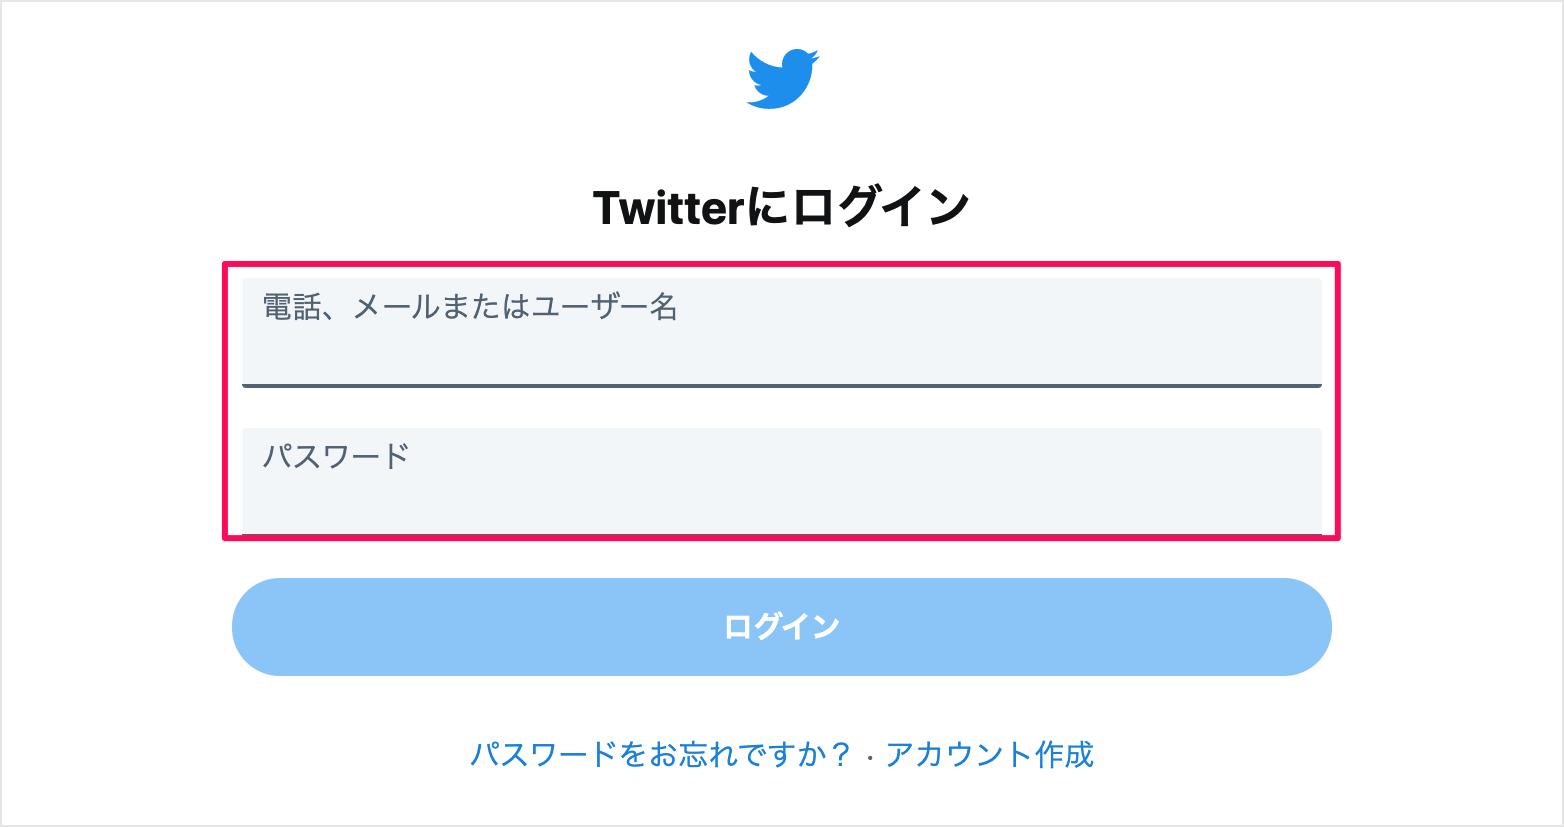 ユーザー 名 は twitter と